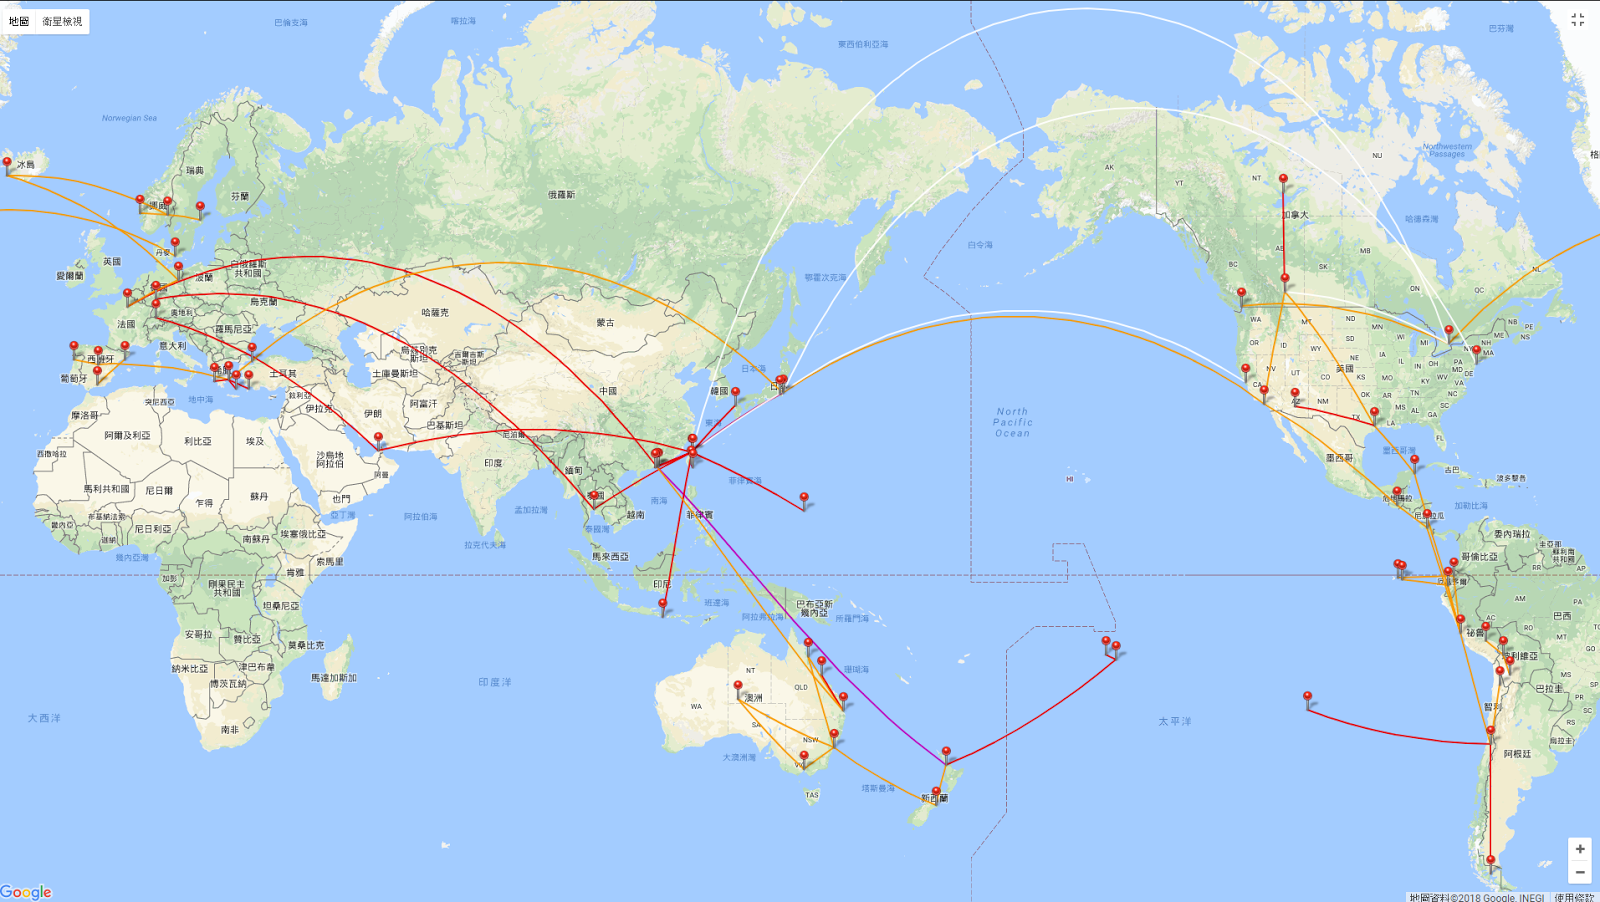 完美的飛行紀錄工具 my flightradar24